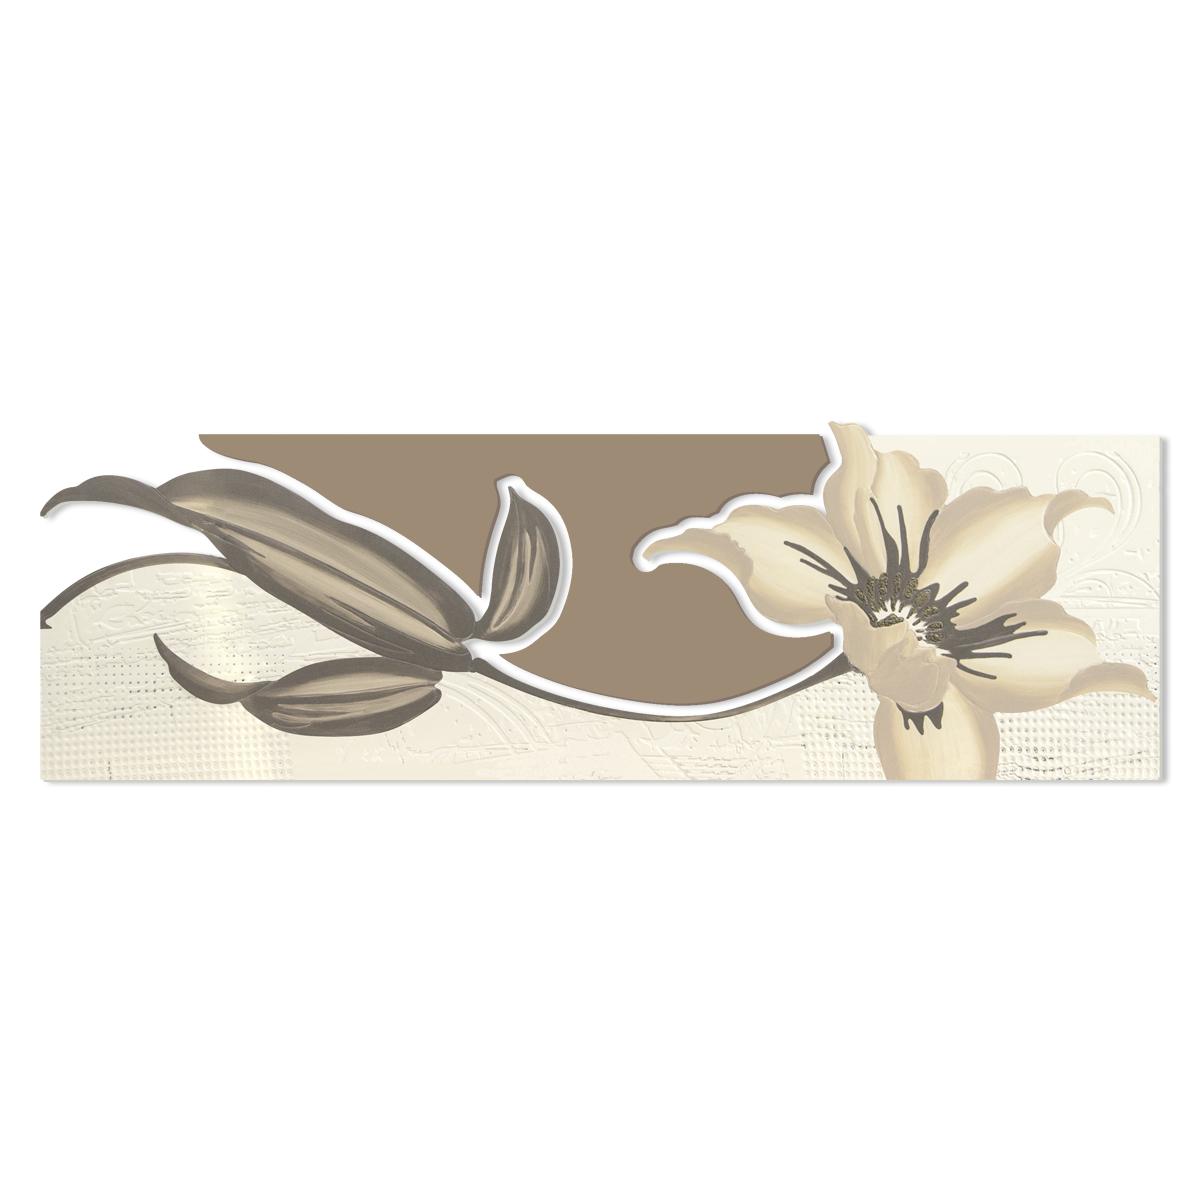 L:A:S - Laser Art Style - QUADRO – SCULTURA DA PARETE – SI-074-B PANNA-NOCCIOLA-DECORO TORTORA